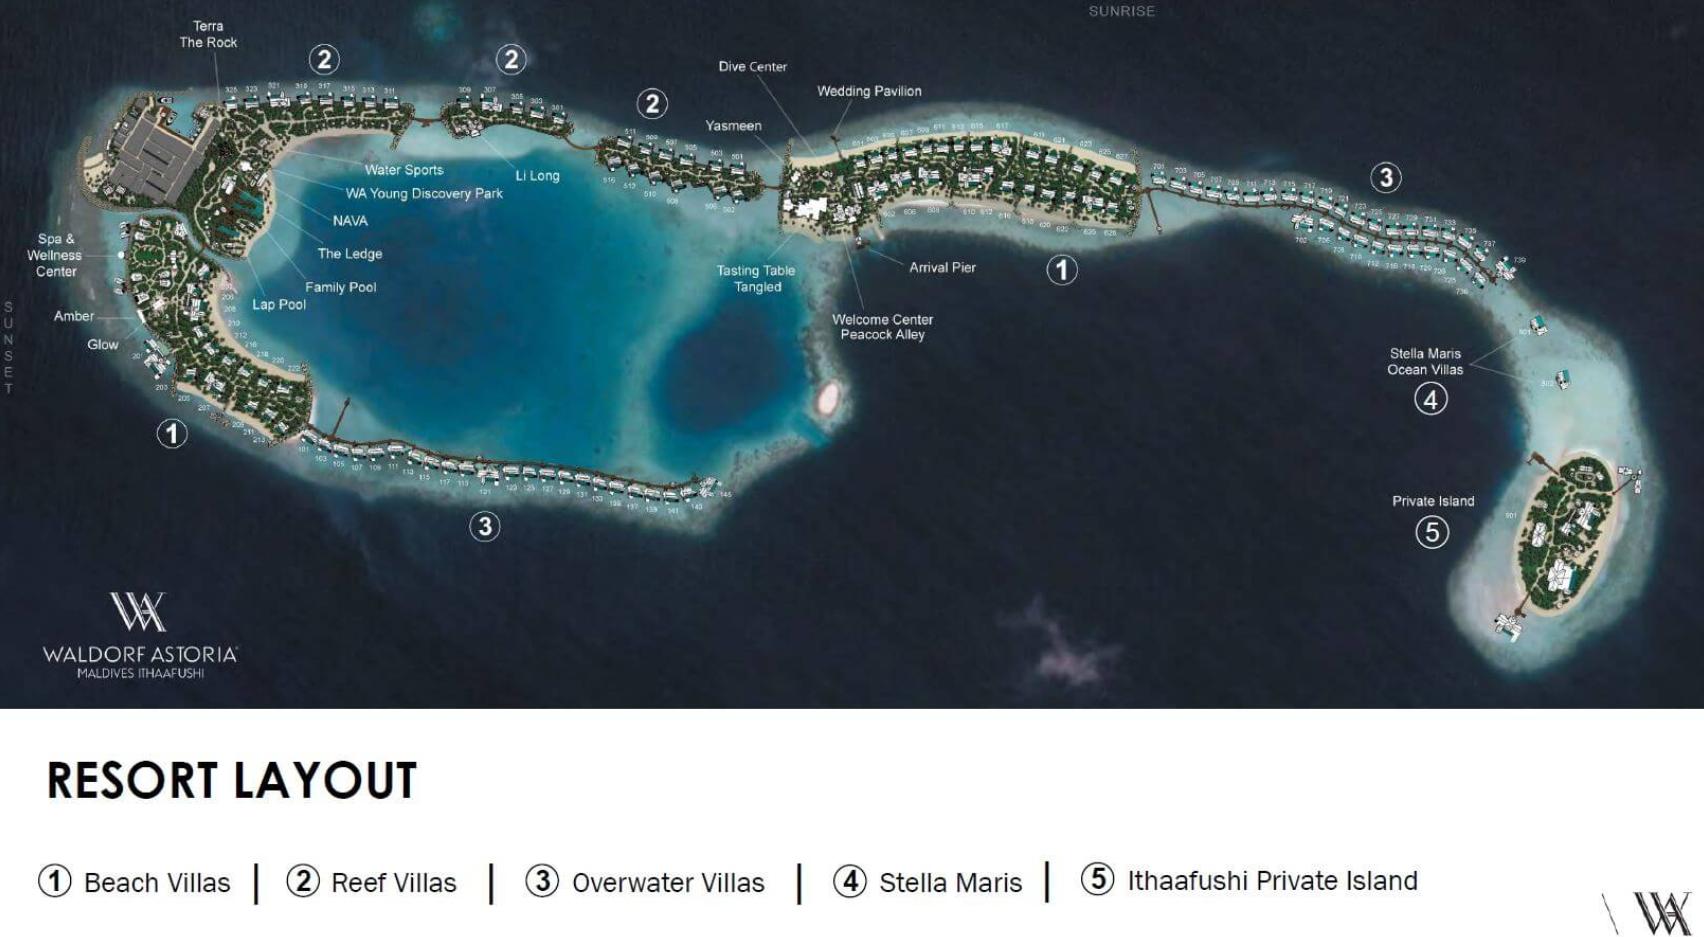 马尔代夫 华尔道夫.伊塔富士岛|希尔顿 Waldorf Astoria Maldives Ithaafushi 平面地图查看